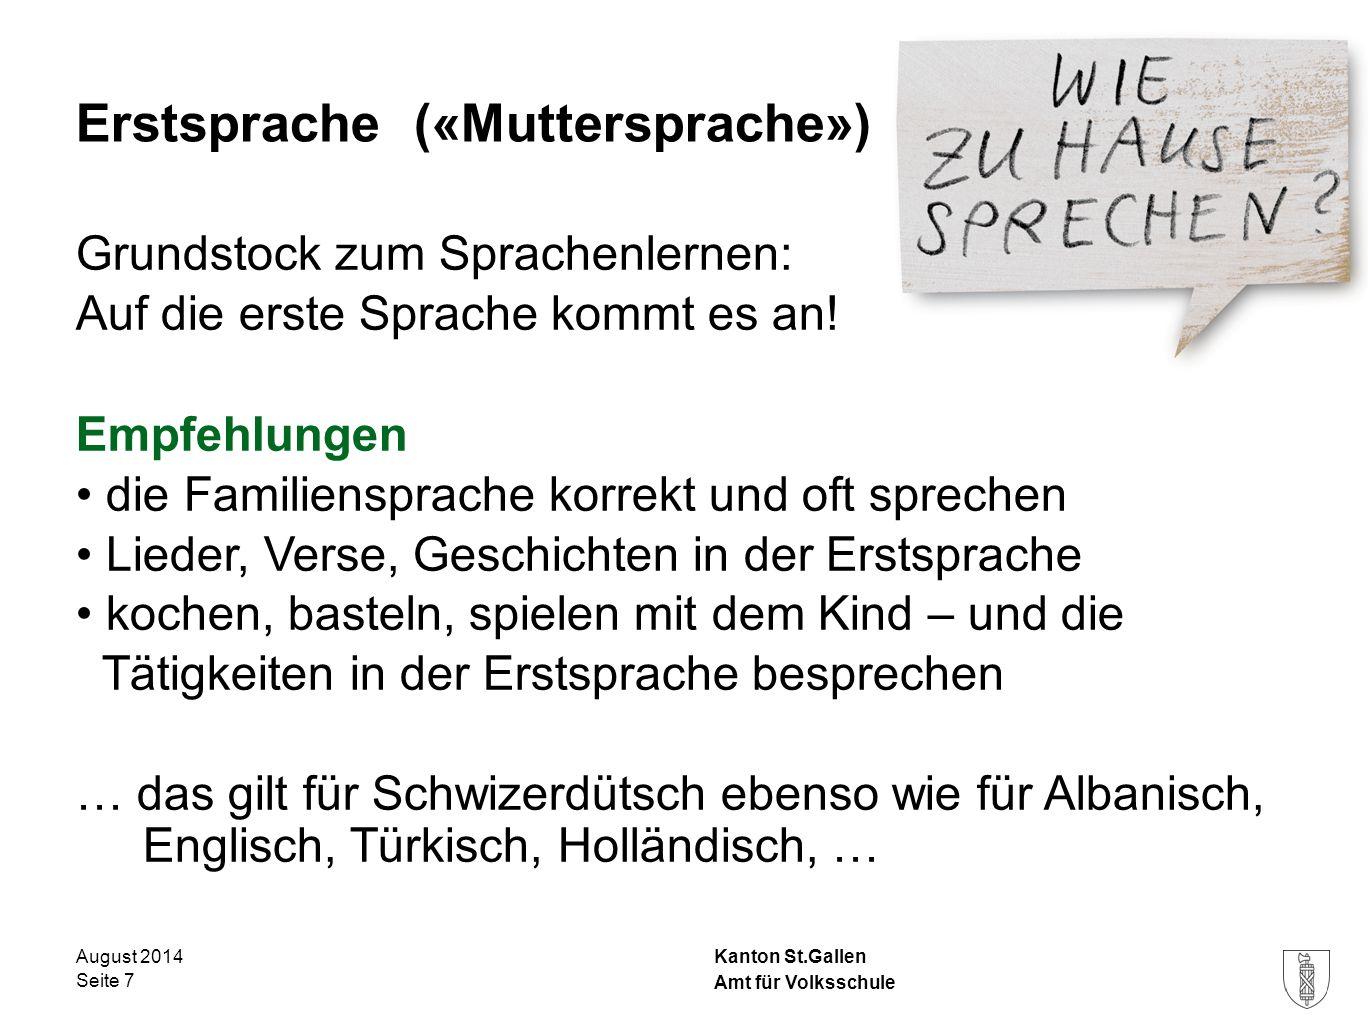 Kanton St.Gallen Erstsprache («Muttersprache») Grundstock zum Sprachenlernen: Auf die erste Sprache kommt es an! Empfehlungen die Familiensprache korr